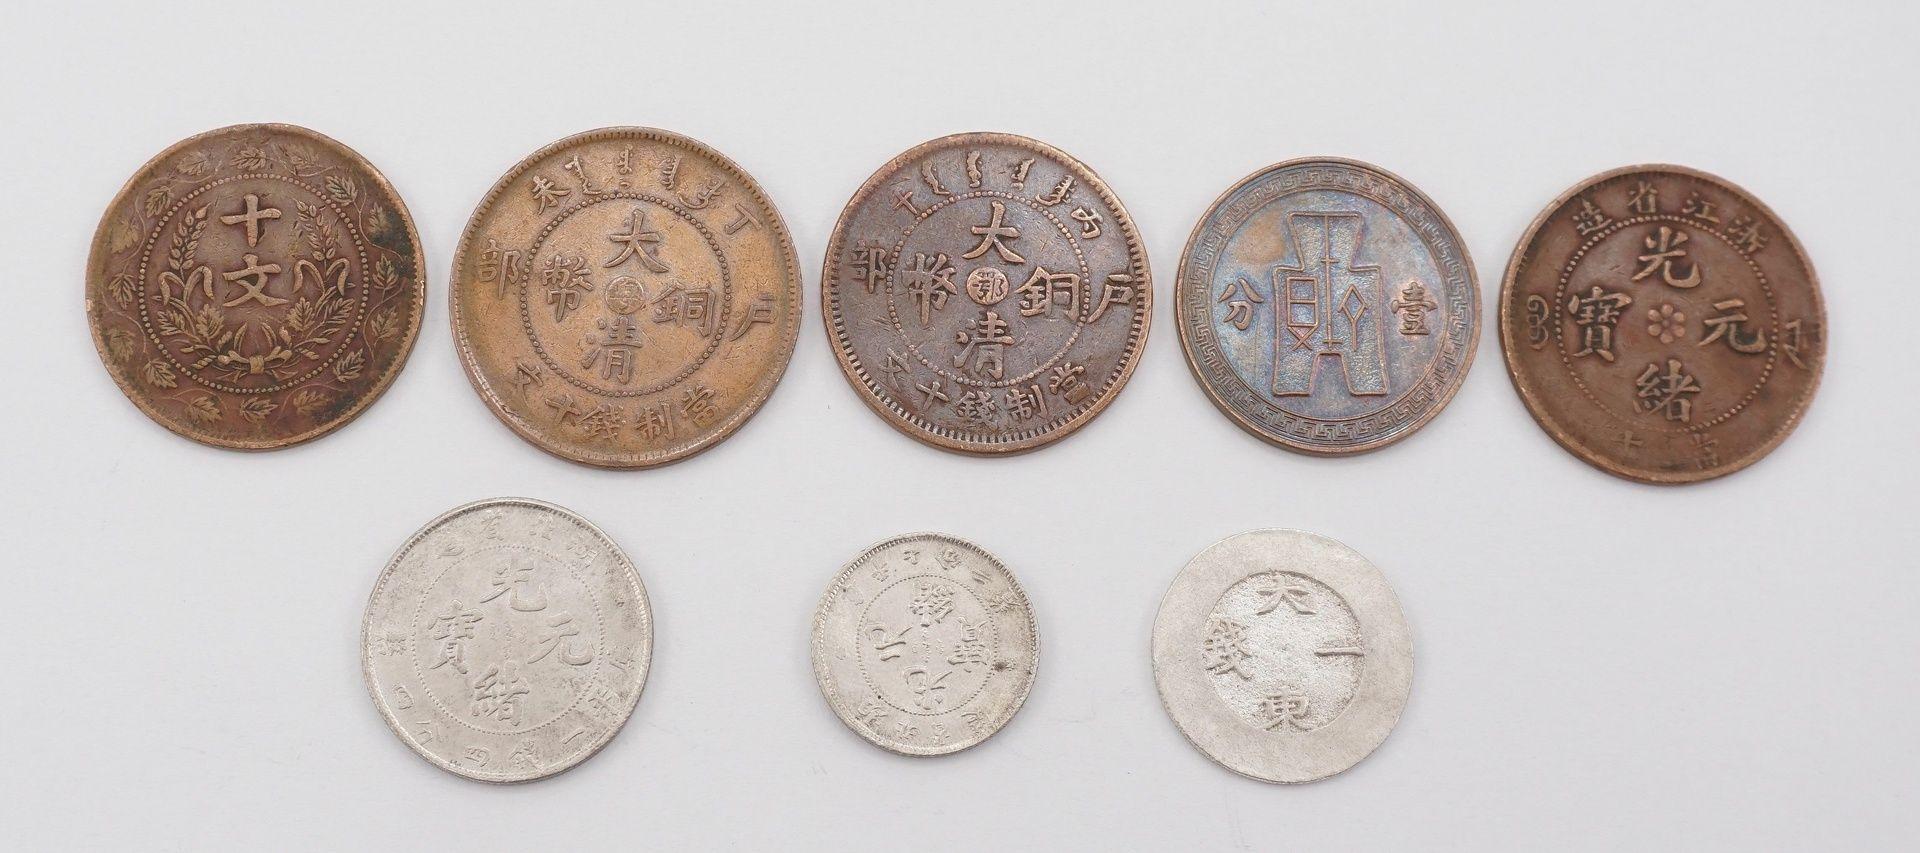 Sieben chinesische Münzen und ein Jeton - Bild 2 aus 2